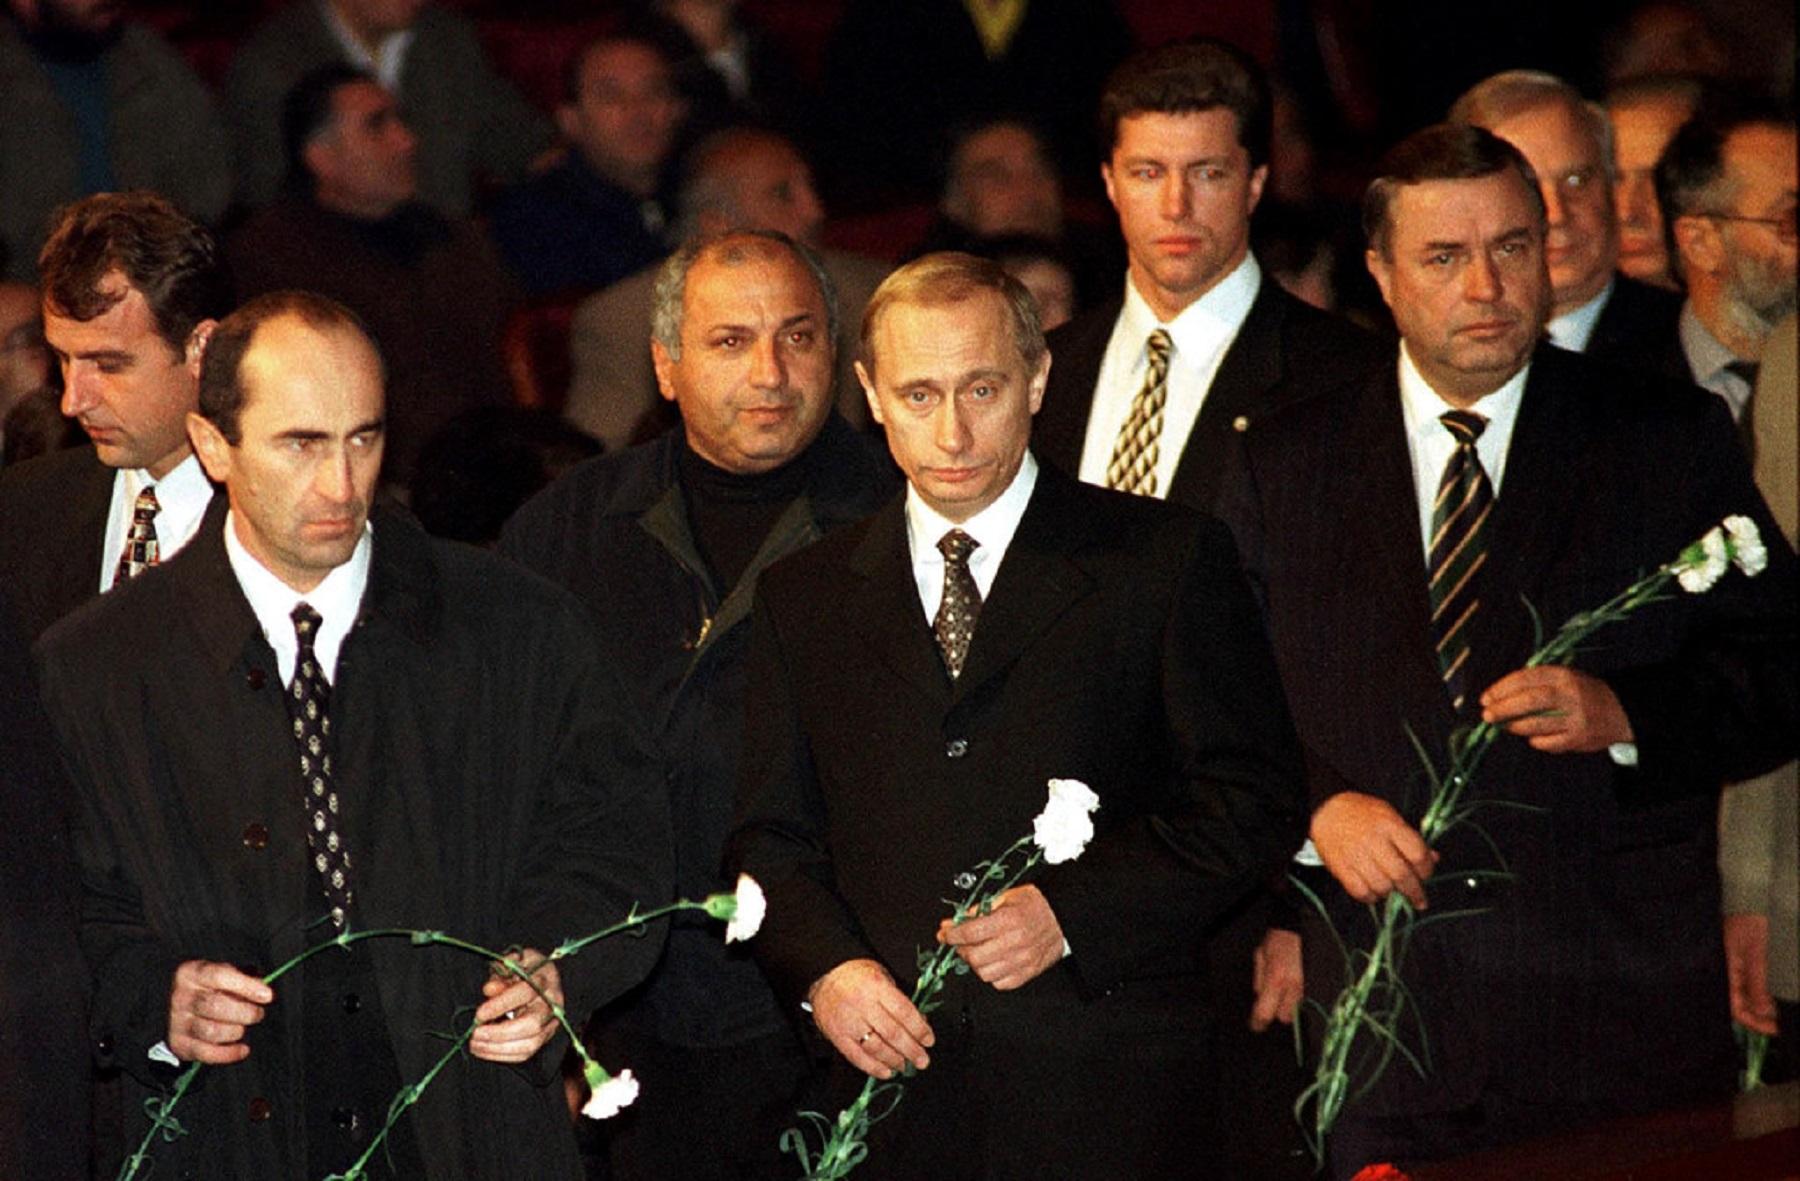 putin - 7 1565448268 - 20 năm cầm quyền của Tổng thống Putin: Từ nhà cải cách đến lãnh đạo cứng rắn